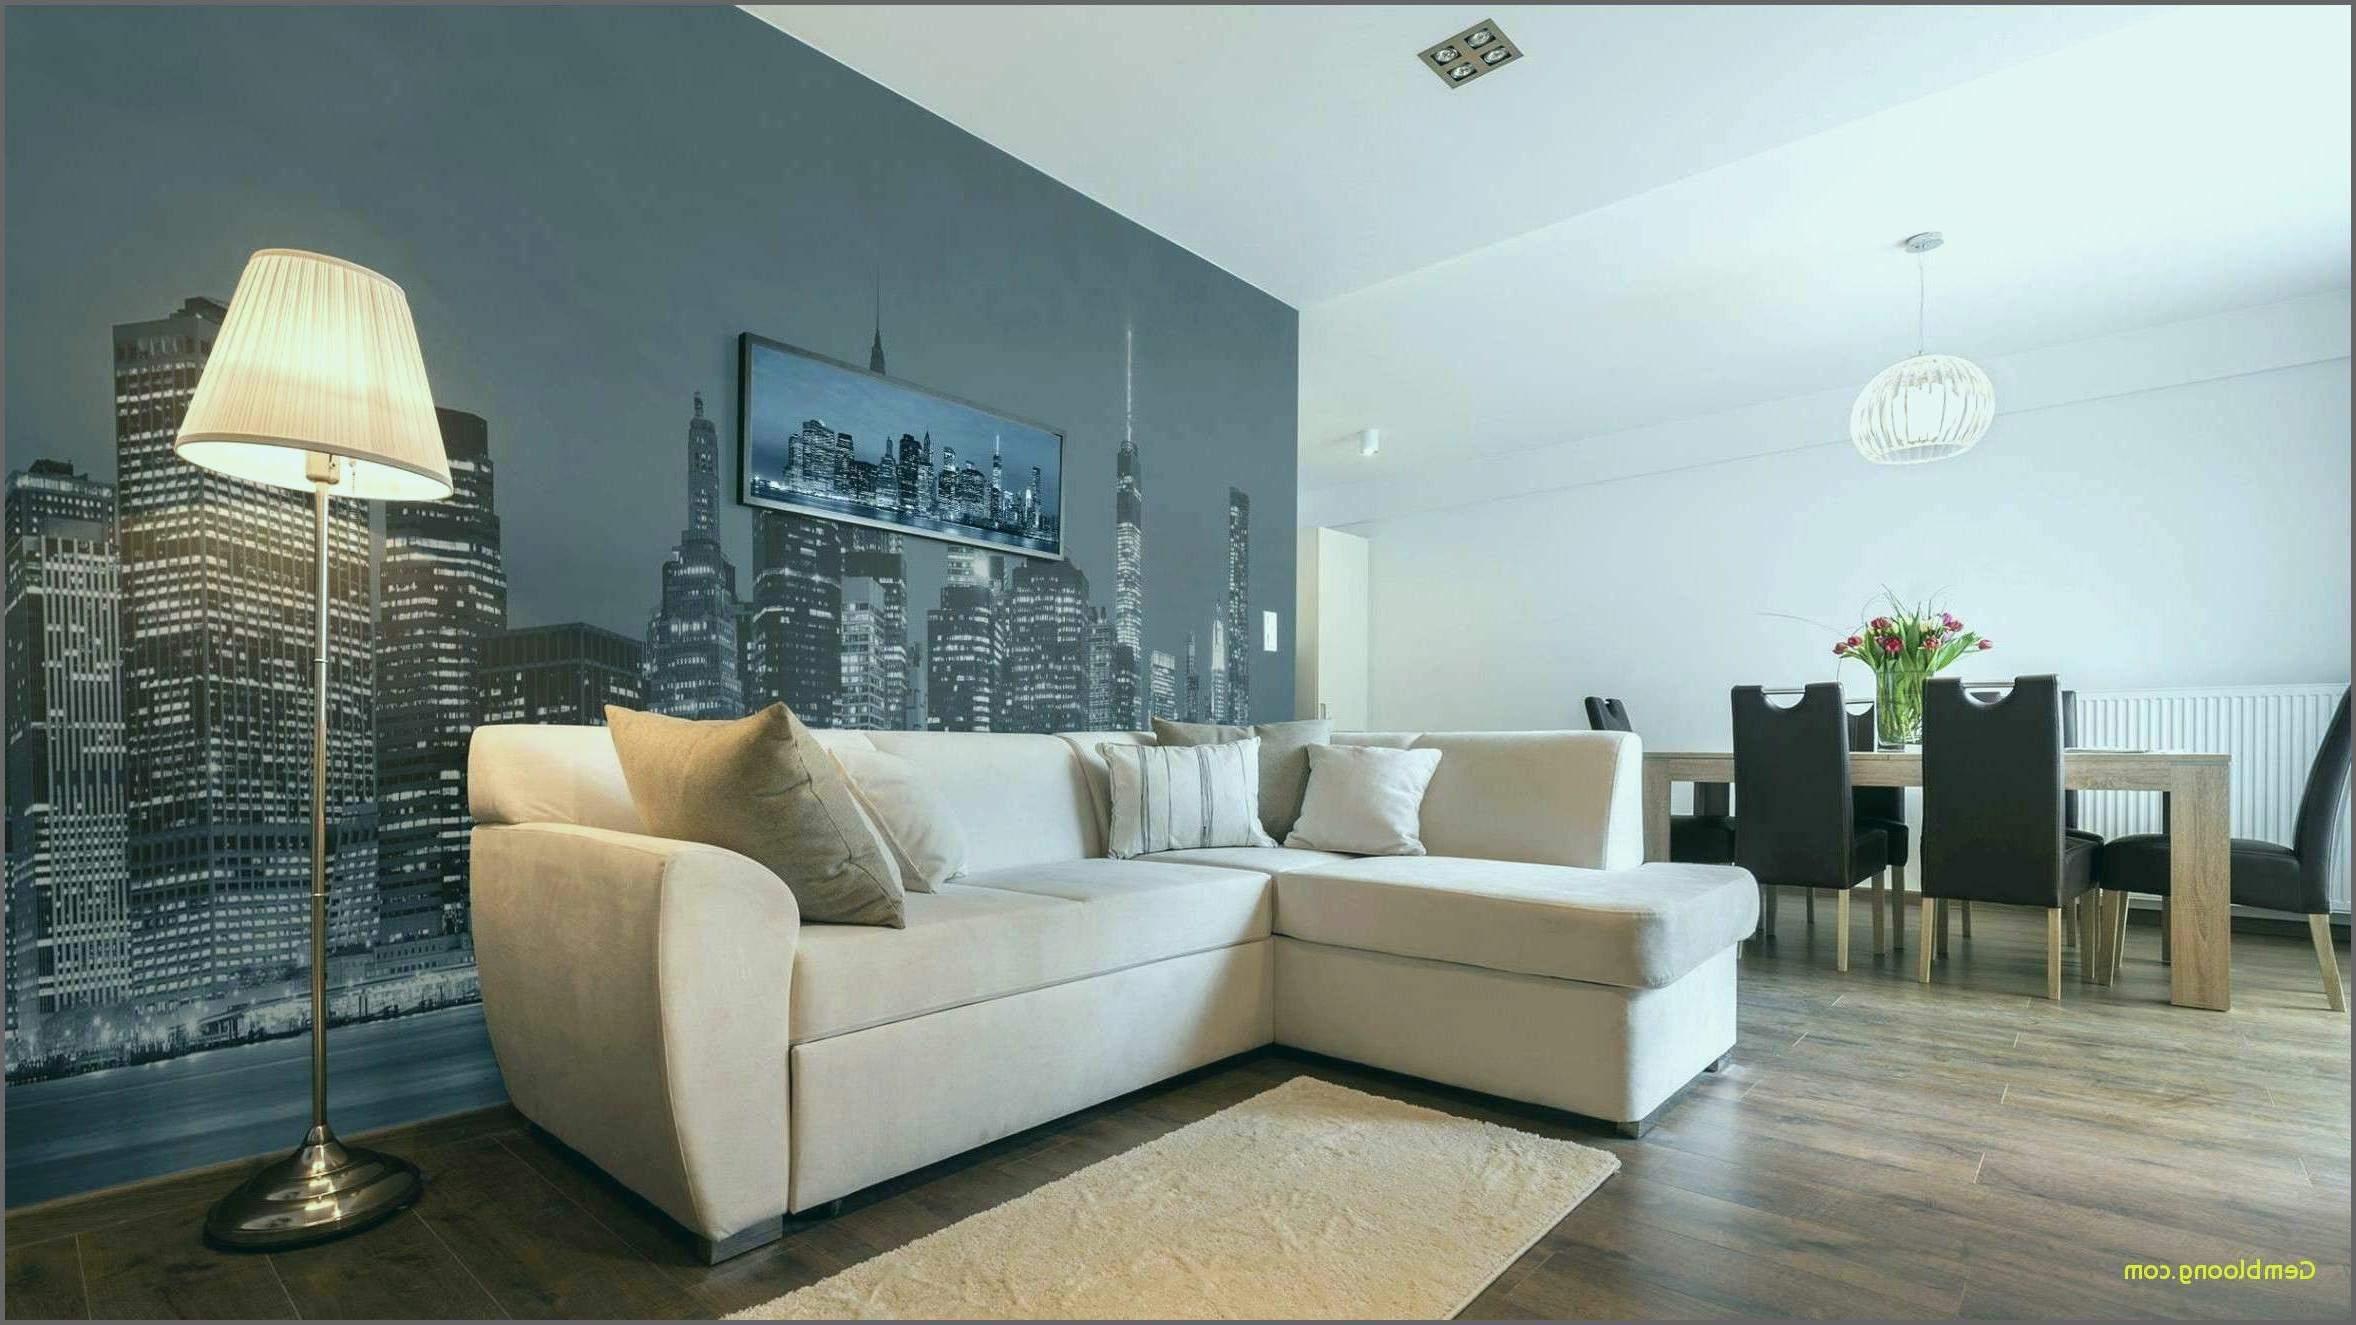 schiefer wand wohnzimmer reizend top wohnzimmer wand design galleries moderne vintage of schiefer wand wohnzimmer